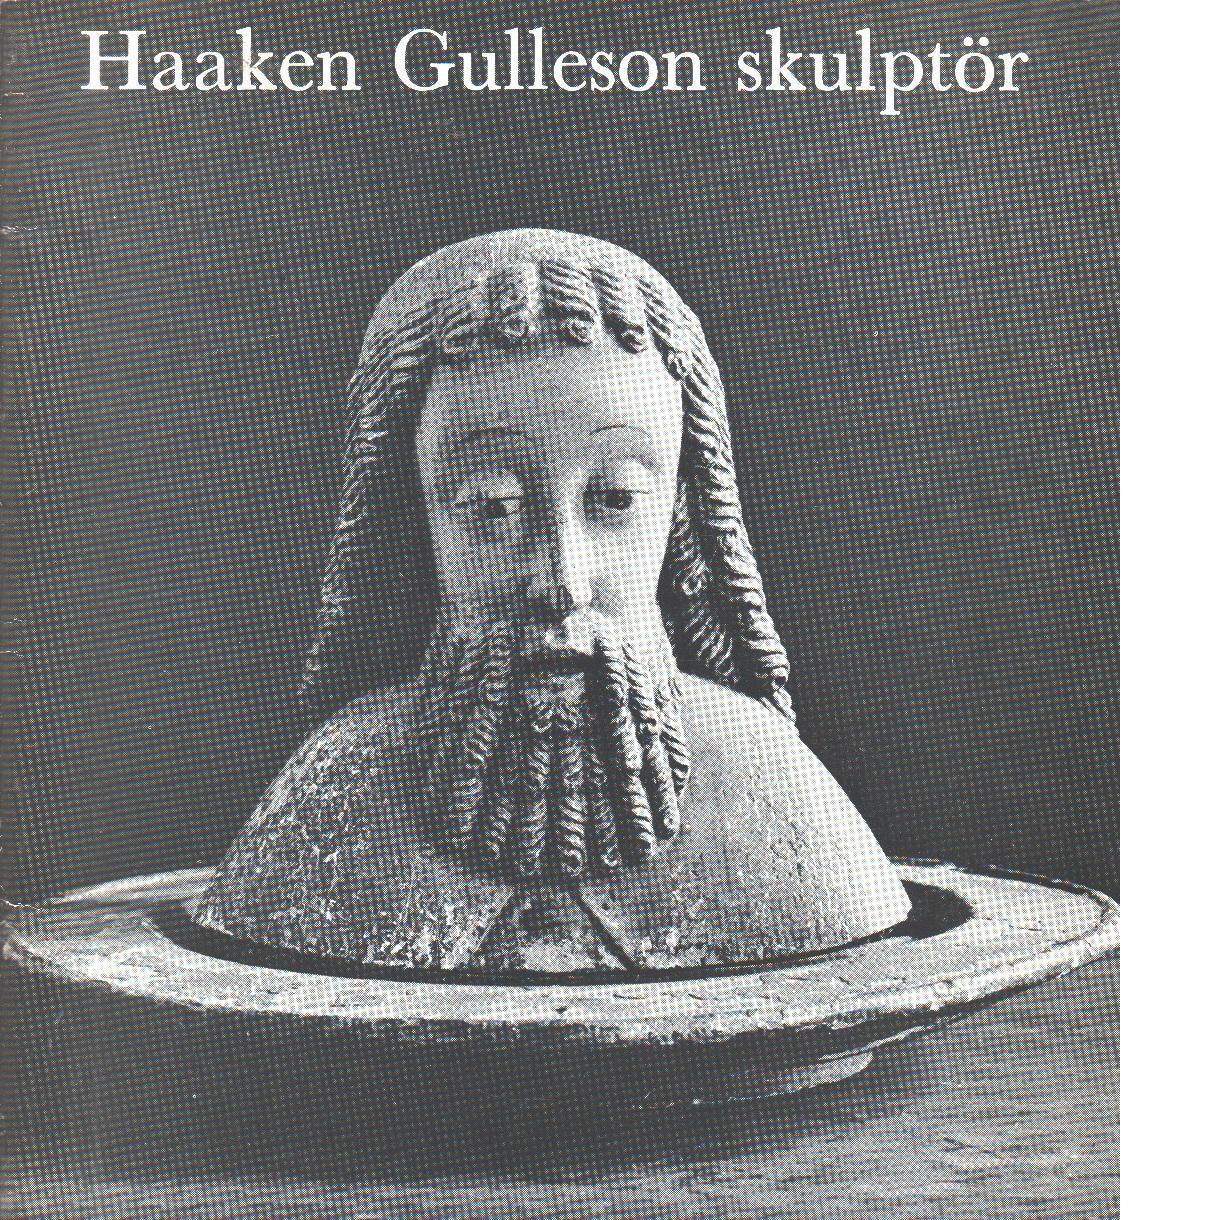 Haaken Gulleson skulptör - Swartling, Ingrid